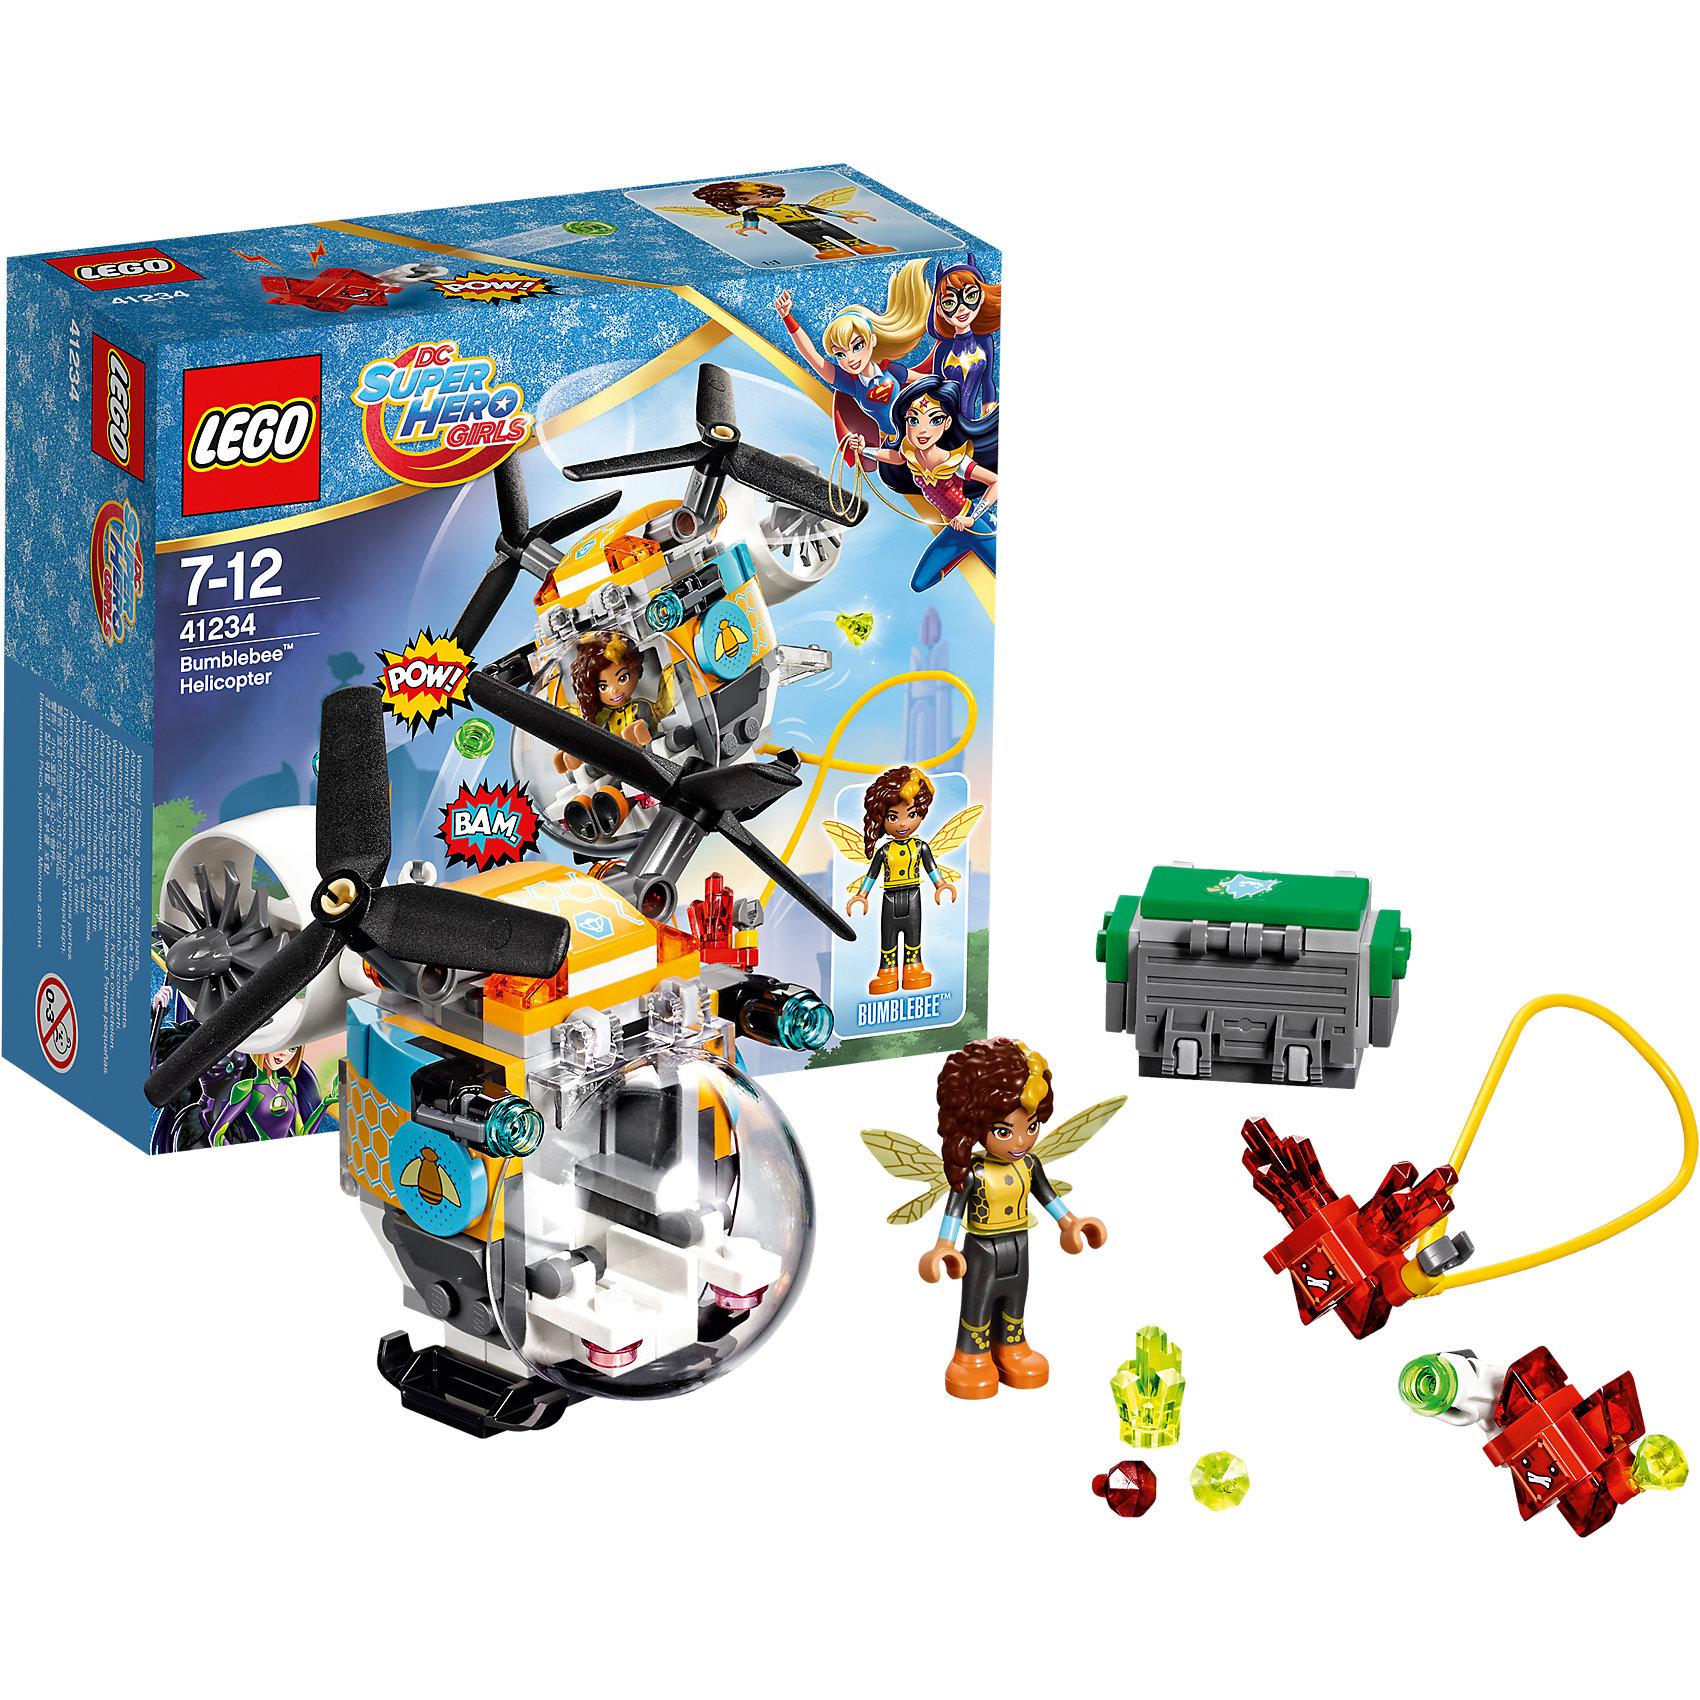 LEGO DC Super Girls 41234: Вертолёт БамблбиПластмассовые конструкторы<br>LEGO DC Super Girls 41234: Вертолёт Бамблби<br><br>Характеристики:<br><br>- в набор входит: детали вертолета и сундука, фигурка Бамблби, 2 Криптомита, аксессуары, инструкция по сборке<br>- фигурки набора: Бамблби<br>- состав: пластик<br>- количество деталей: 142 <br>- размер вертолёта: 10 * 7 * 10 см.<br>- размер сундука: 3 * 4 * 2 см.<br>- для детей в возрасте: от 7 до 12 лет<br>- Страна производитель: Дания/Китай/Чехия<br><br>Легендарный конструктор LEGO (ЛЕГО) представляет серию «DC Super Girls» (ДиСи Супер Гёрлс) по сюжетам фильмов и мультфильмов о супергероинях. <br><br>Этот набор понравится любителям короткометражных мультфильмов компании Warner Brothers DC Super Girls (ДиСи Супер Гёрлс). Необычный вертолет Бамблби оснащен сразу двумя лопастями, а кабина управления находится спереди, для обширного панорамного вида. Вертолёт окрашен в желто-черный цвет и разрисован узорами сот и пчел. Грузовые отделения наполнены драгоценными камнями, которые желают заполучить красные Криптомиты. На этот раз эти милые, но злобные существа обзавелись стреляющим снарядами оружием и угрожают похитить сокровища. Но супергероиня Бамблби просто так не сдастся, тем более, что и ее вертолет оснащен двумя пушками стреляющими снарядами. <br><br>Фигурка Бамблби отлично проработана, ее рельефные волосы уложены в интересную медовую прическу, а ее супергеройский наряд подходит по стилю к вертолету. Помоги Бамблби одержать верх над Криптомитами и спасти сокровища! <br><br>Играя с конструктором ребенок развивает моторику рук, воображение и логическое мышление, научится собирать по инструкции и создавать свои модели. Придумывайте новые истории любимых героев с набором LEGO «DC Super Girls»!<br><br>Конструктор LEGO DC Super Girls 41234: Вертолёт Бамблби можно купить в нашем интернет-магазине.<br><br>Ширина мм: 158<br>Глубина мм: 140<br>Высота мм: 62<br>Вес г: 167<br>Возраст от месяцев: 84<br>Возраст до месяцев: 144<br>Пол: 